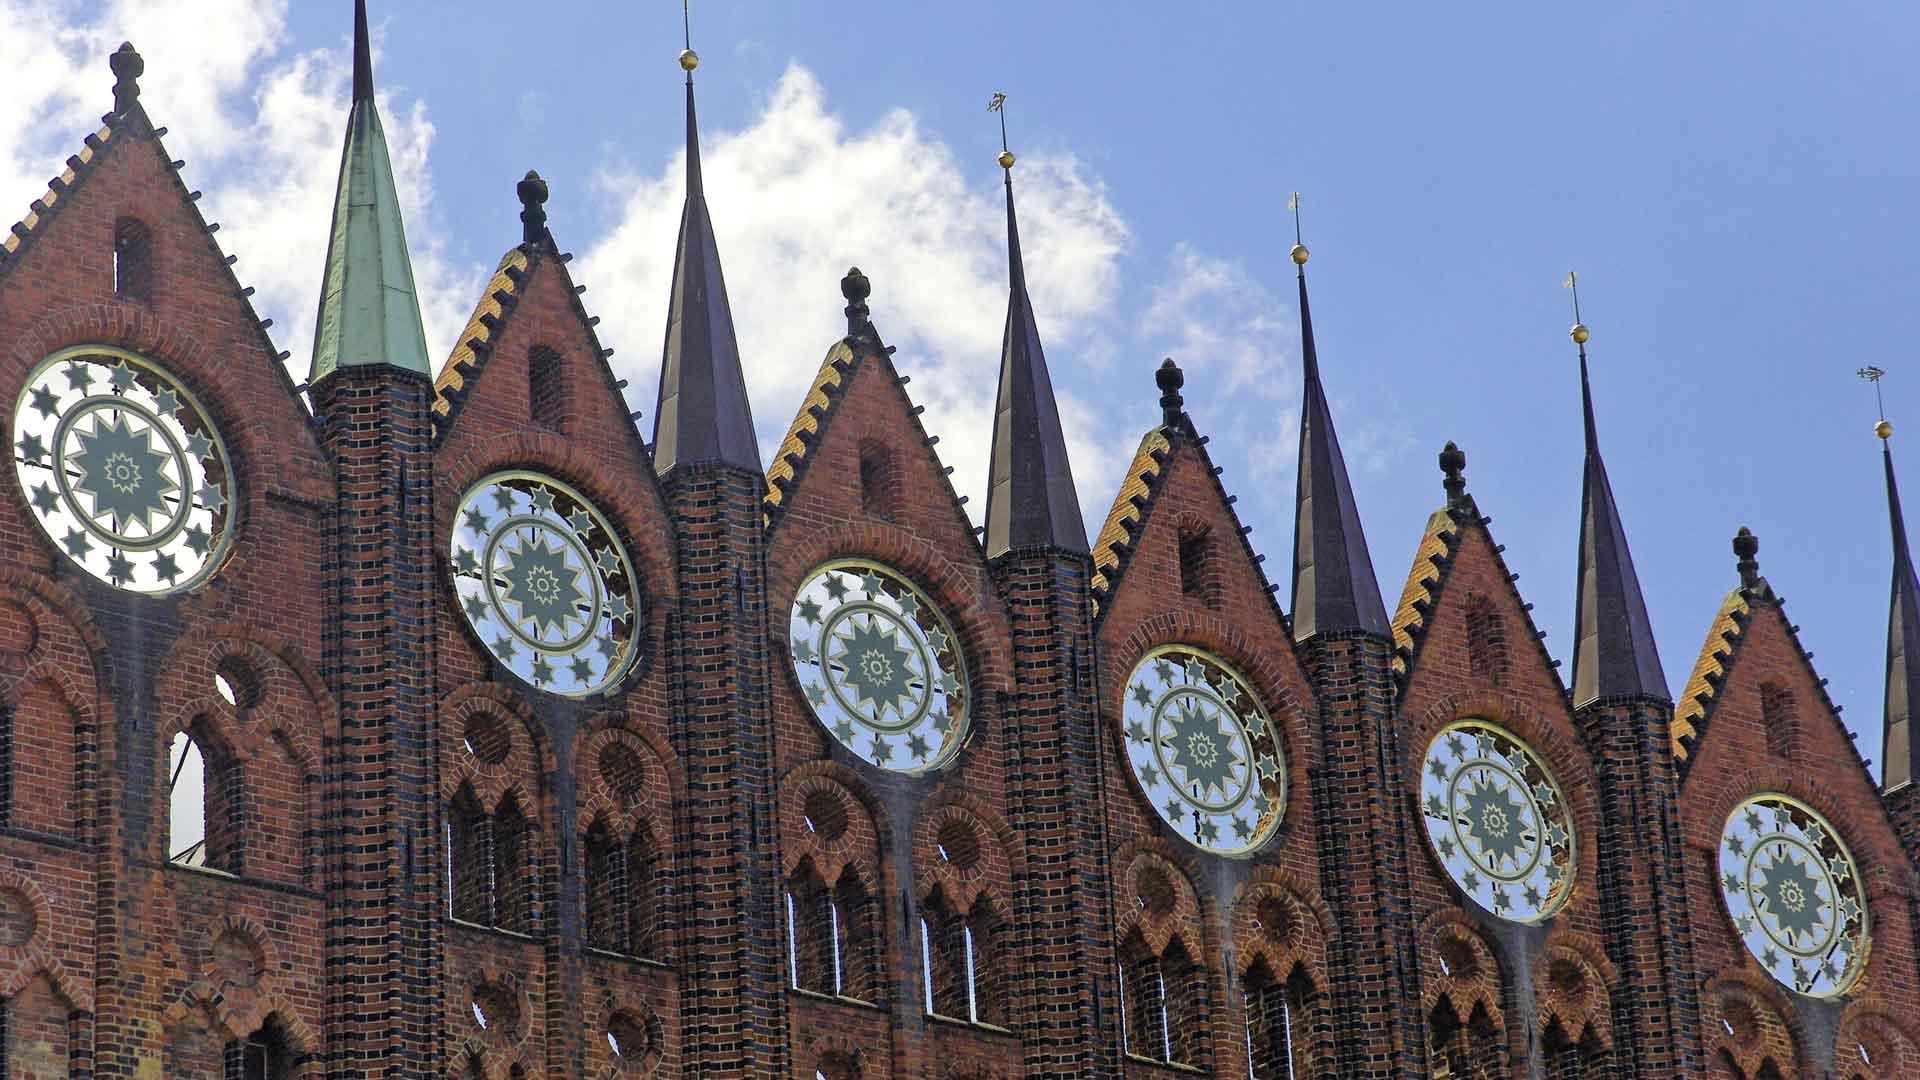 Het stadhuis van Stralsund is een mooi voorbeeld van Duitse baksteengotiek en is UNESCO werelderfgoed.